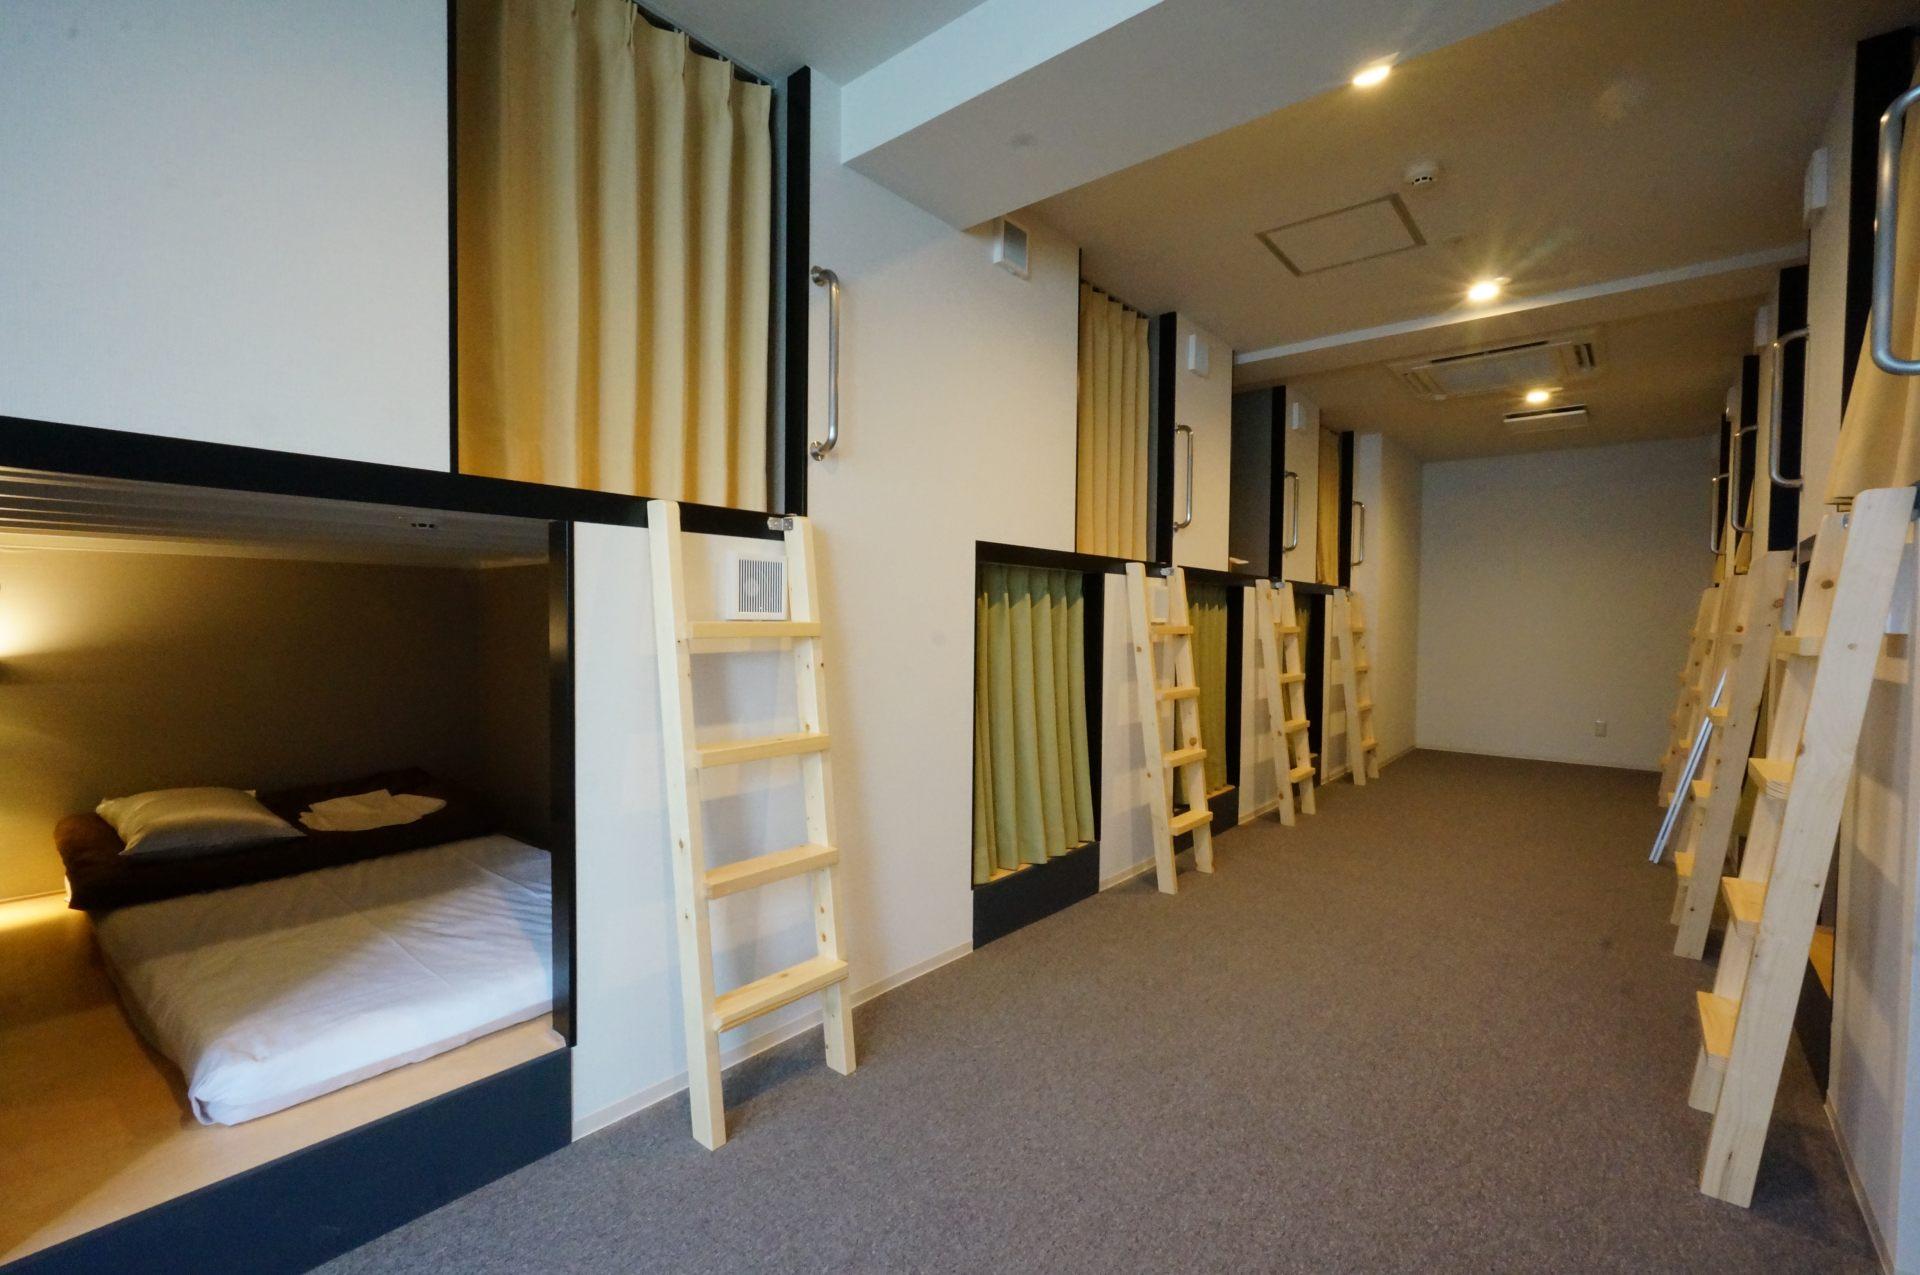 寬敞的宿舍房間非常適合單人旅遊!也有準備其他房型給團體旅遊的遊客。